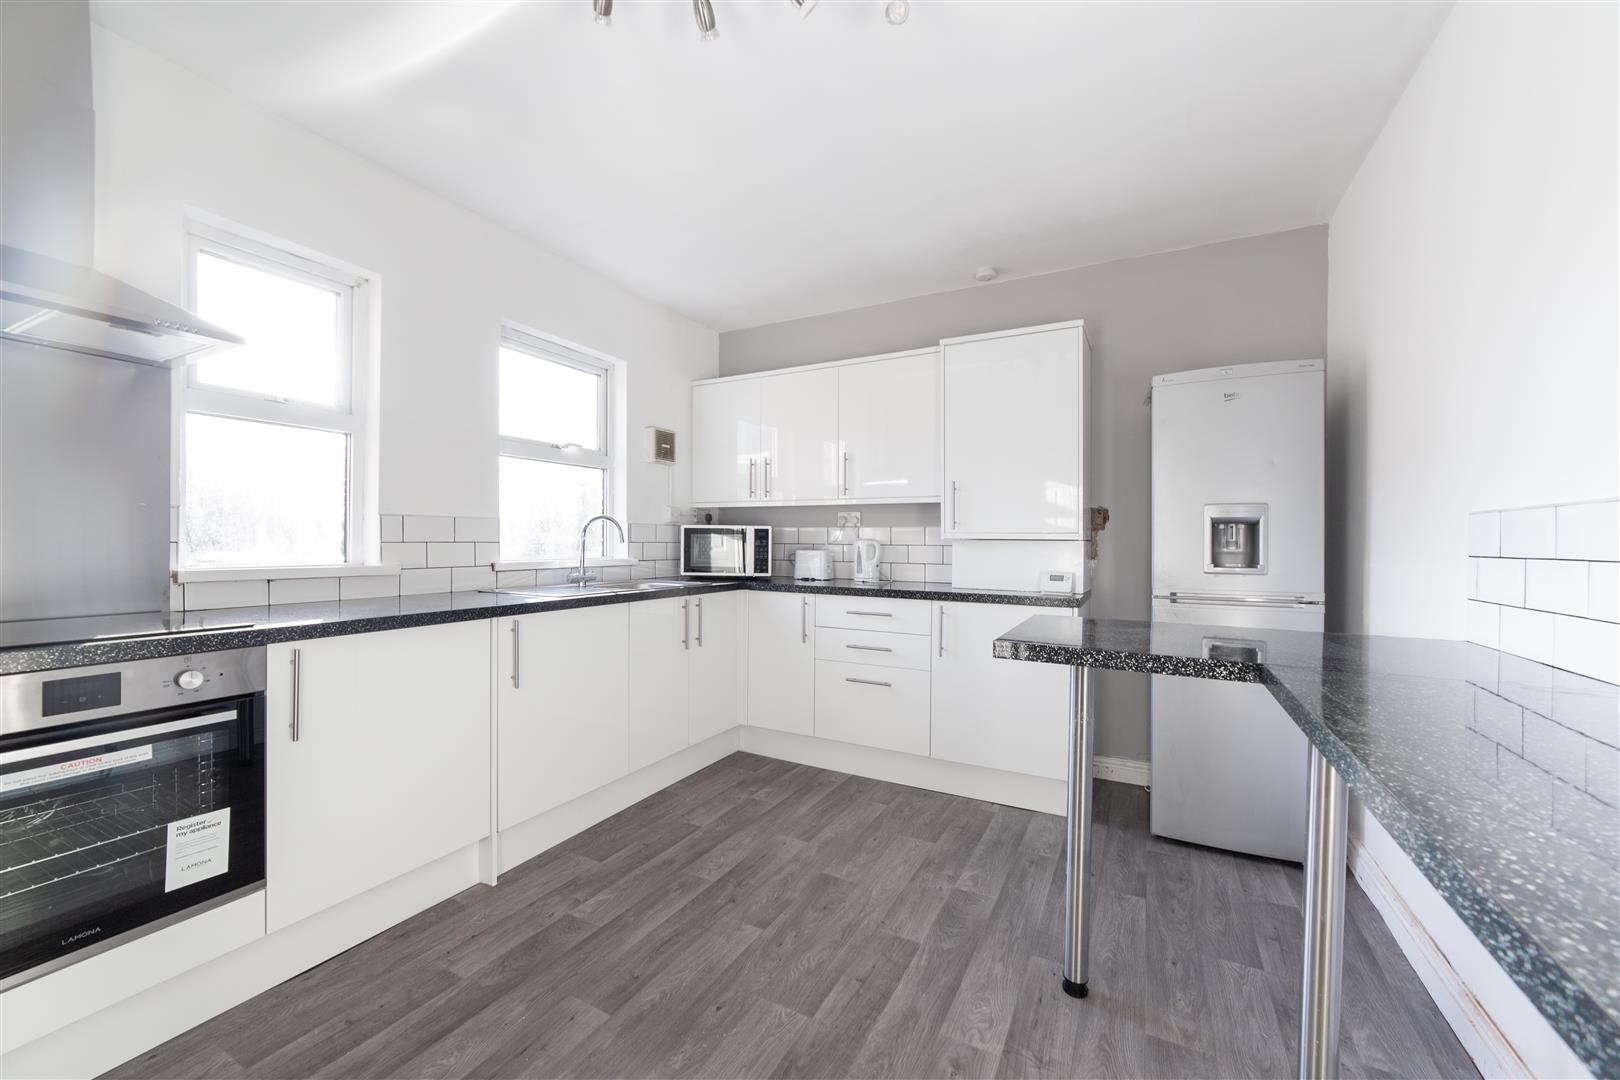 6 bed maisonette to rent in Newcastle Upon Tyne, NE6 5PB, NE6